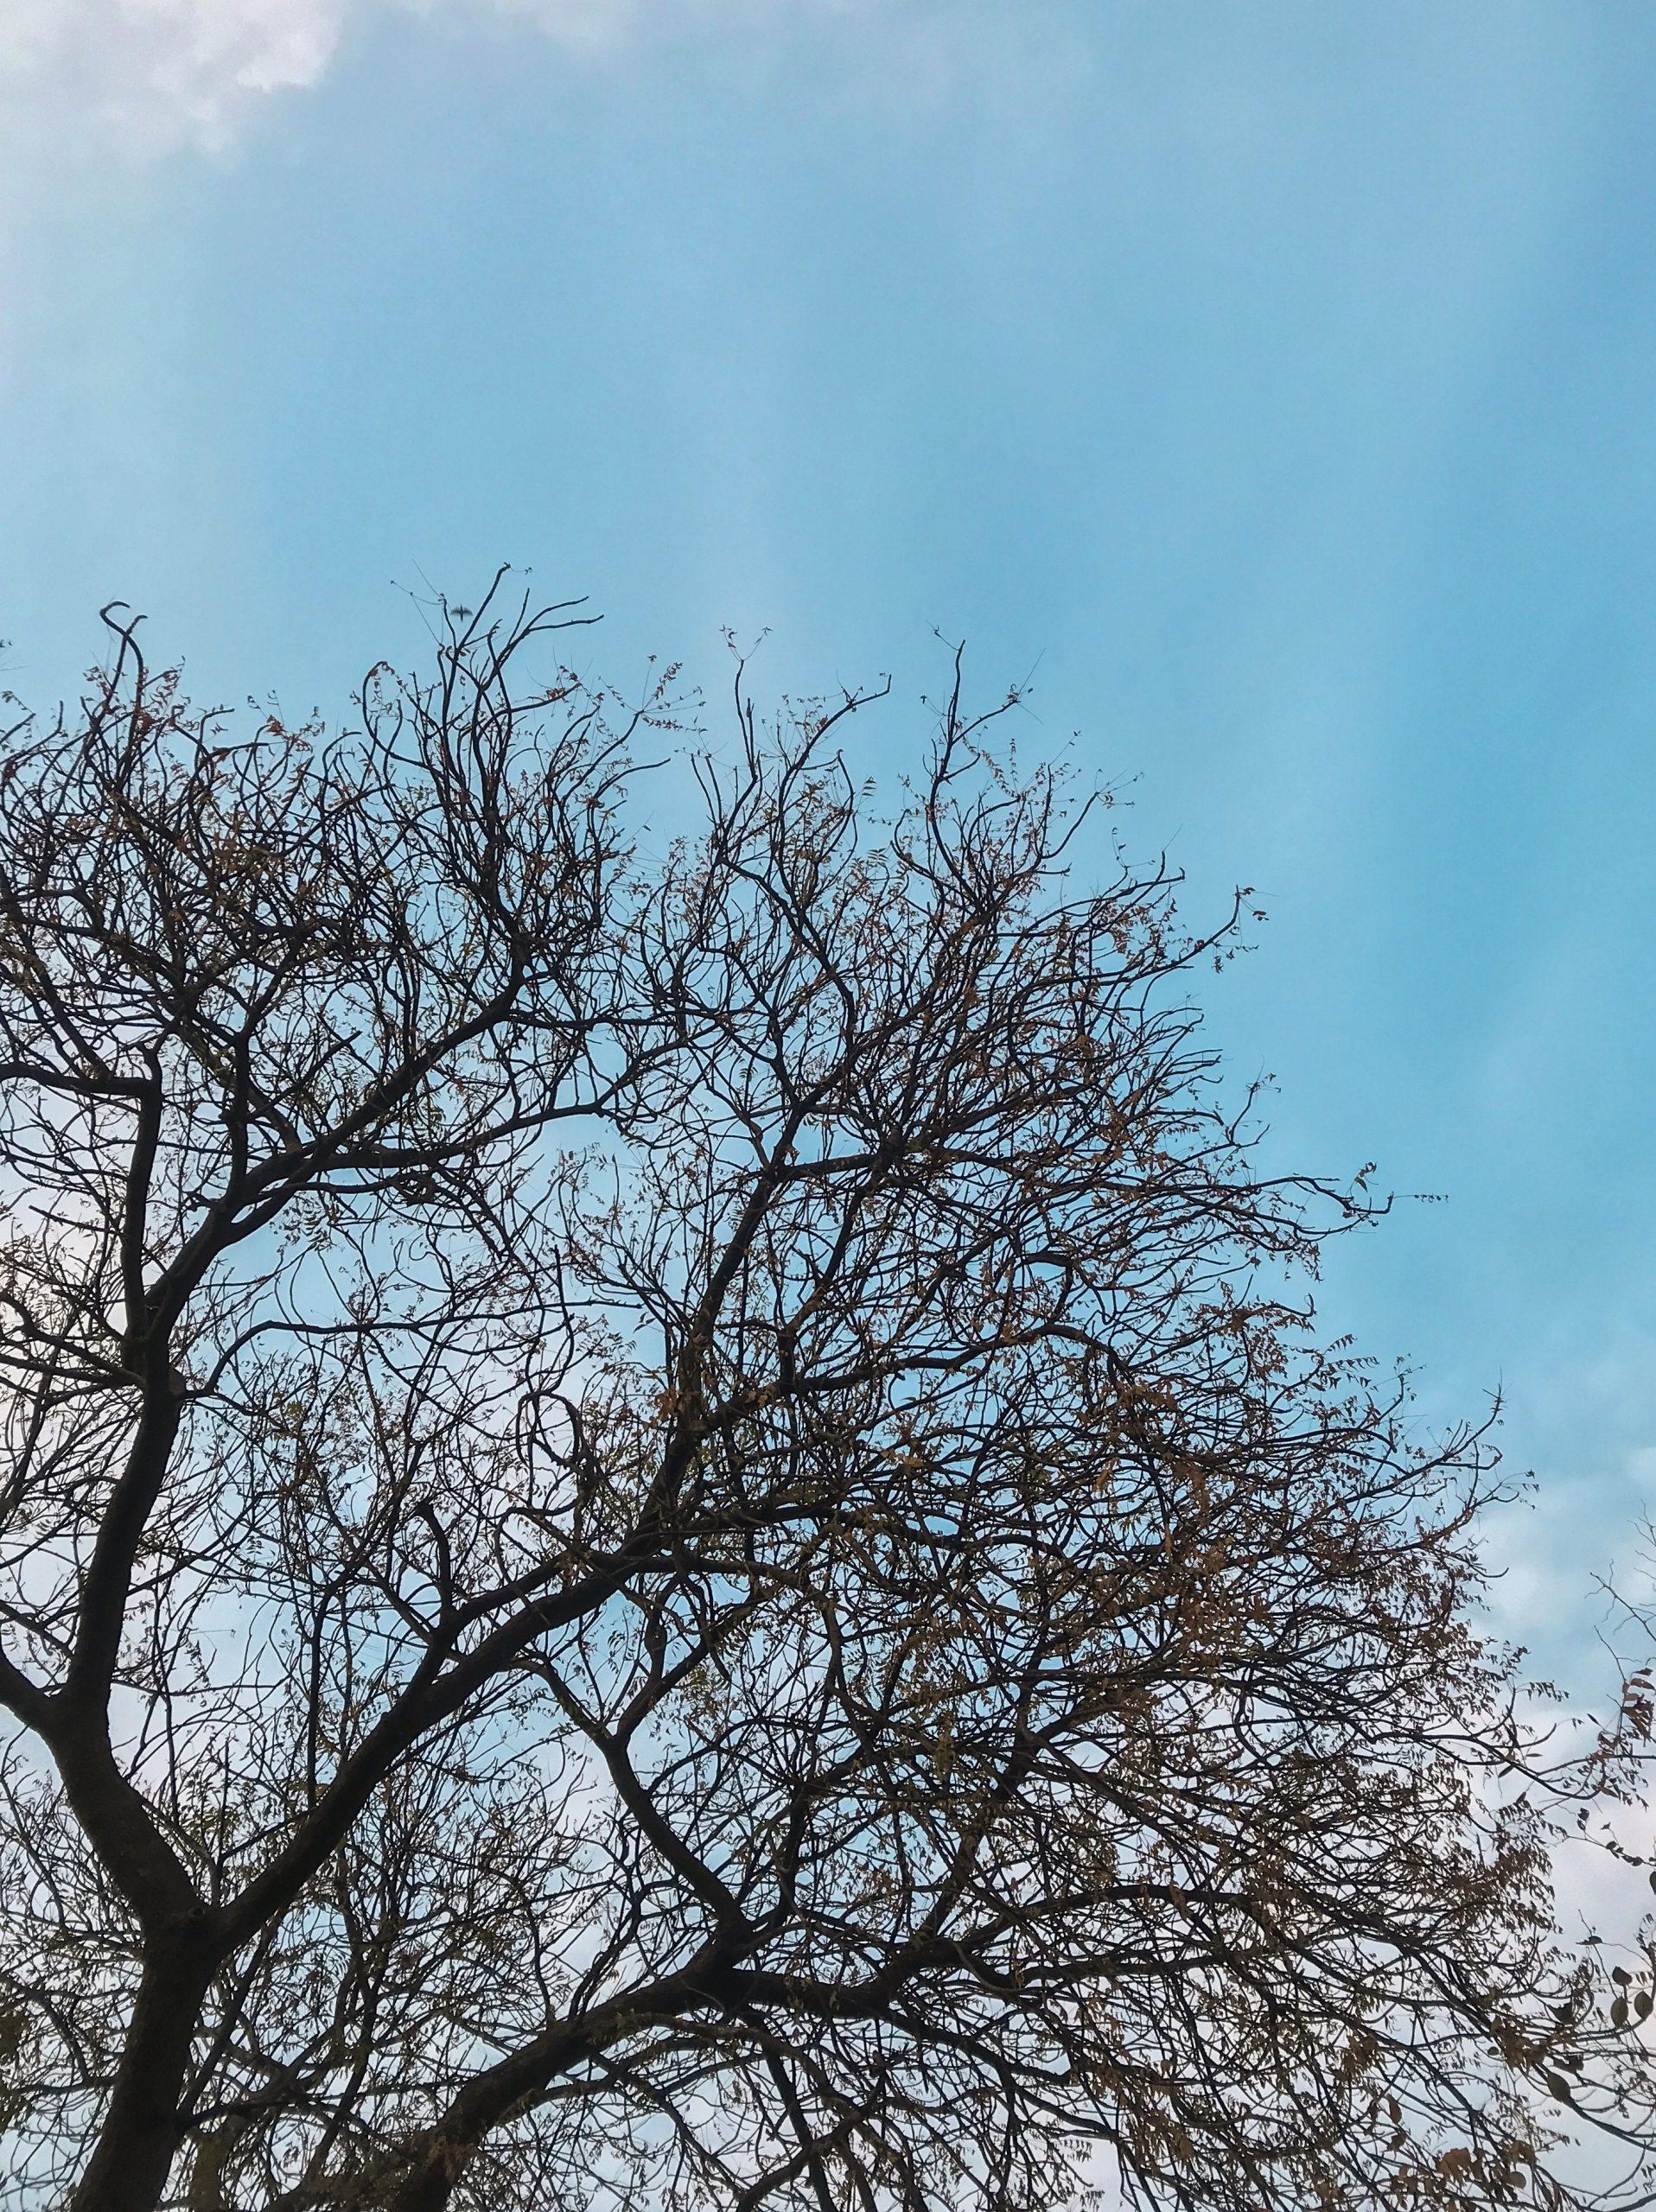 Dark Solitary Tree